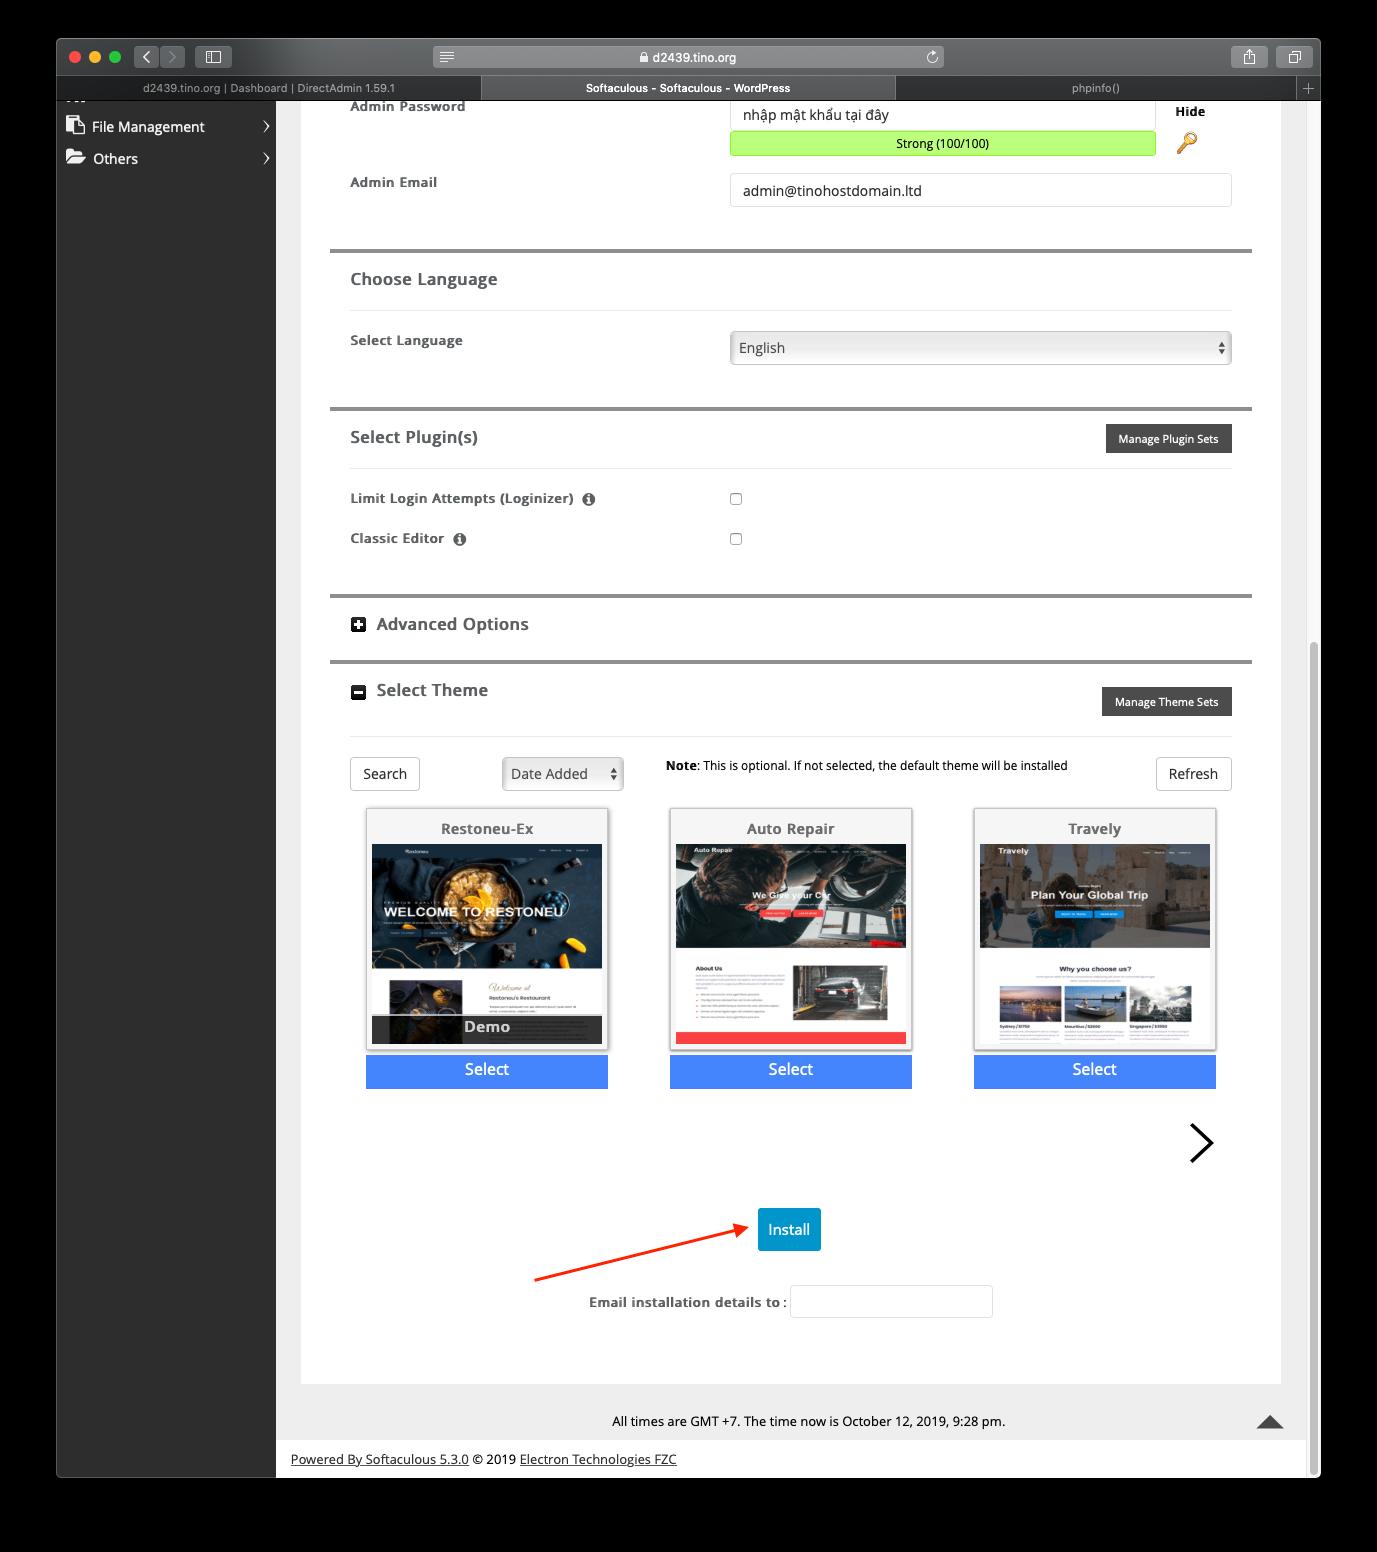 [DirectAdmin] - Hướng dẫn cài đặt Wordpress nhanh chóng trên hosting Directadmin 14